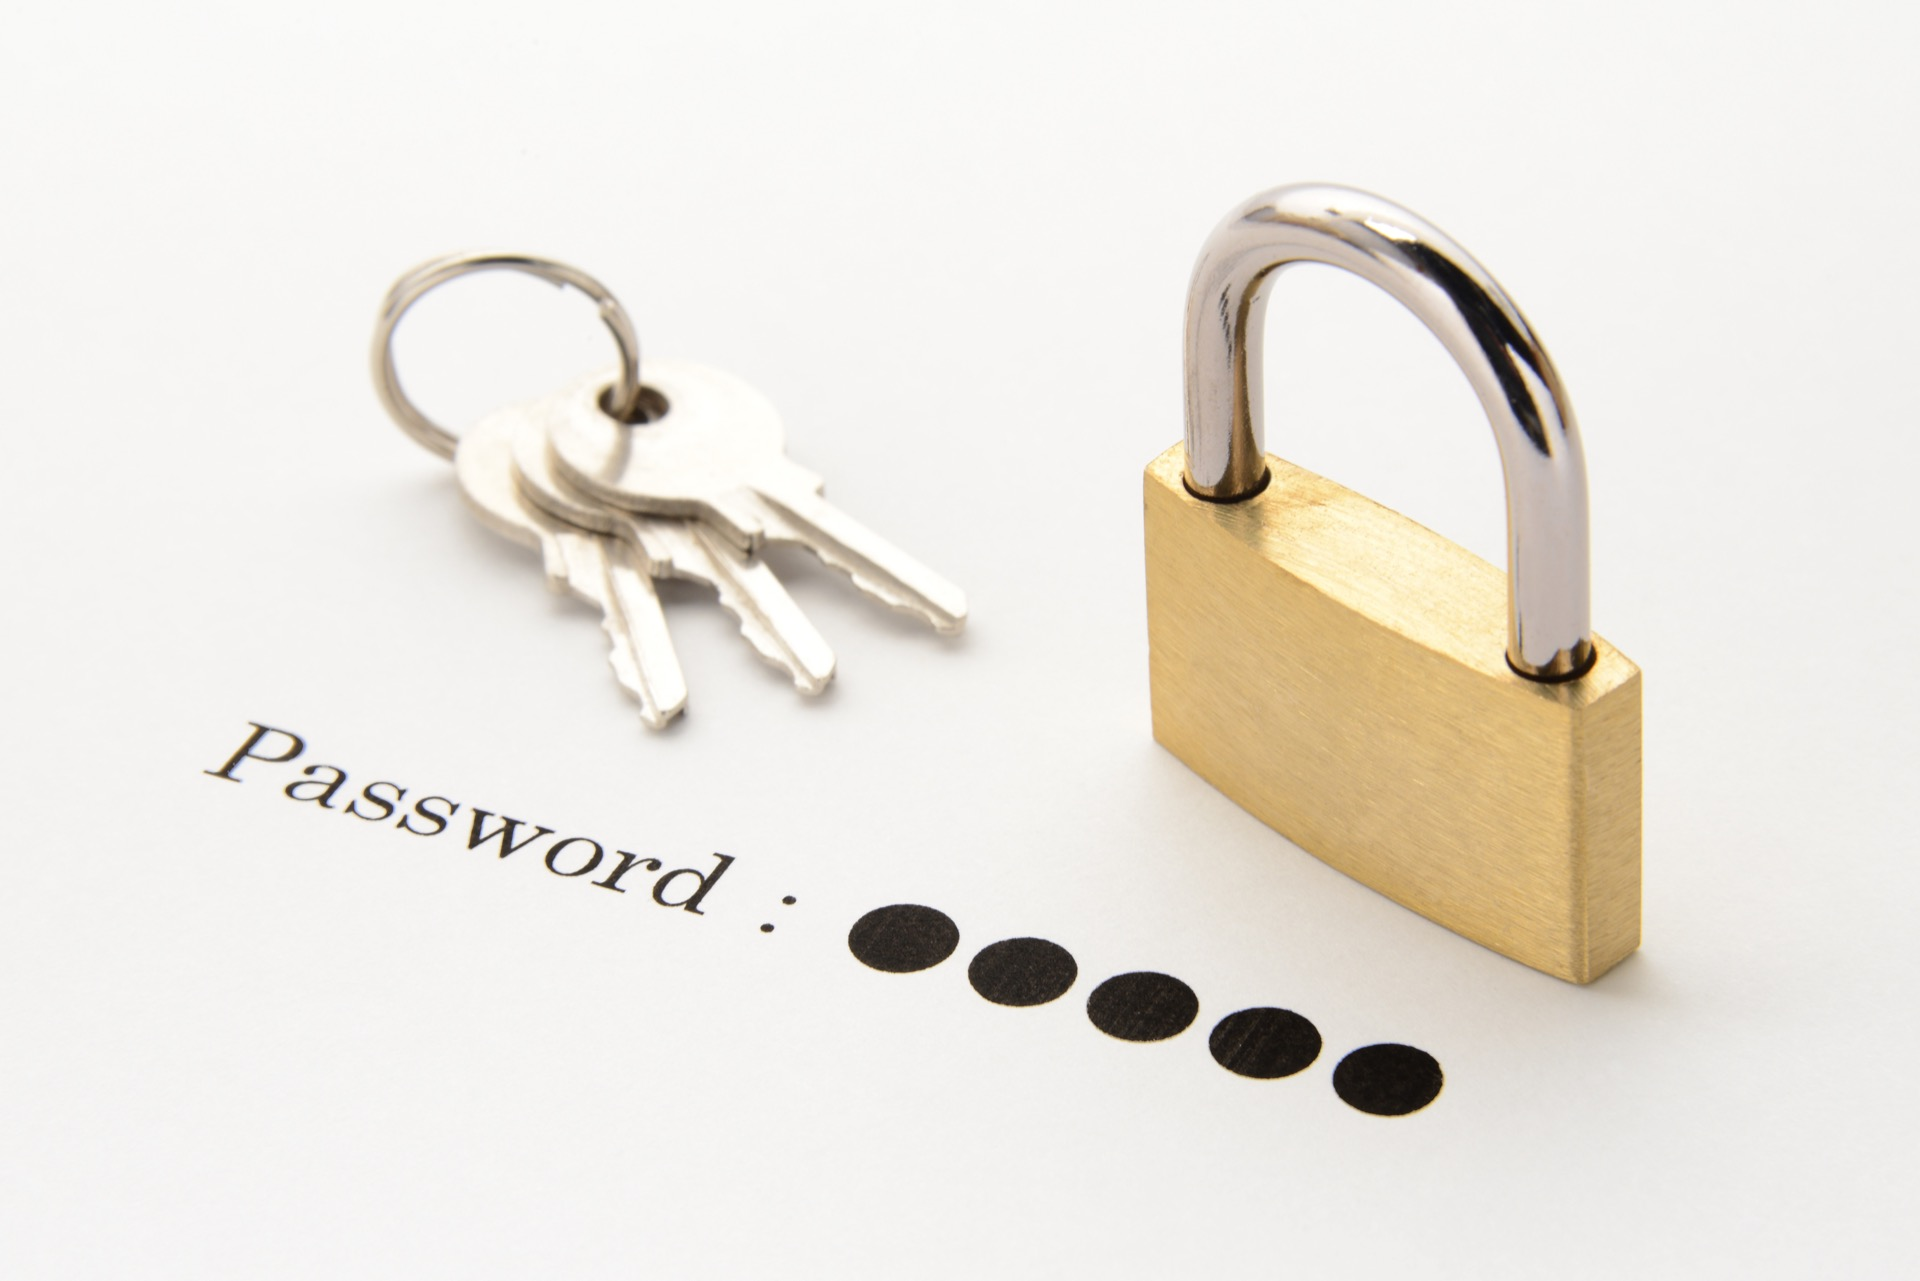 パスワードと鍵